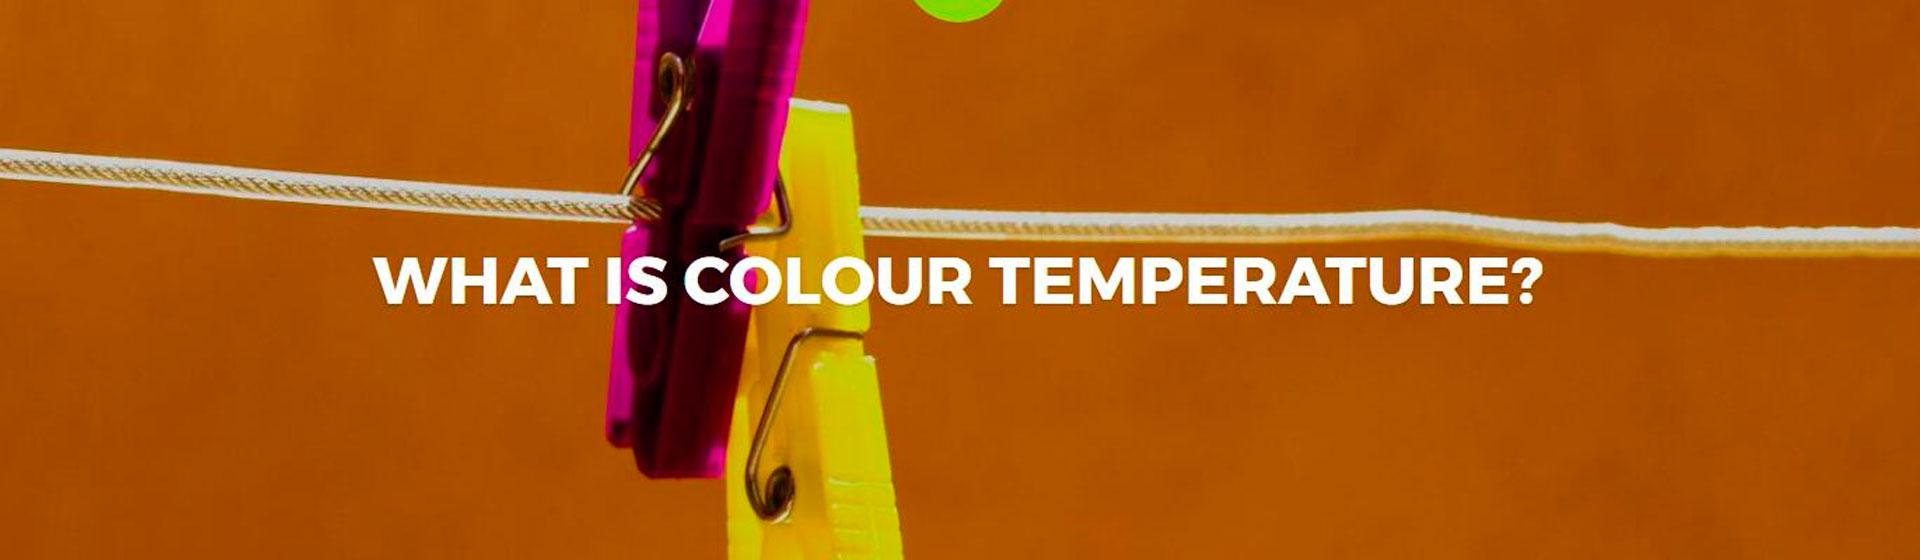 Color Temperature(Kelvin) For LED Strip Lights